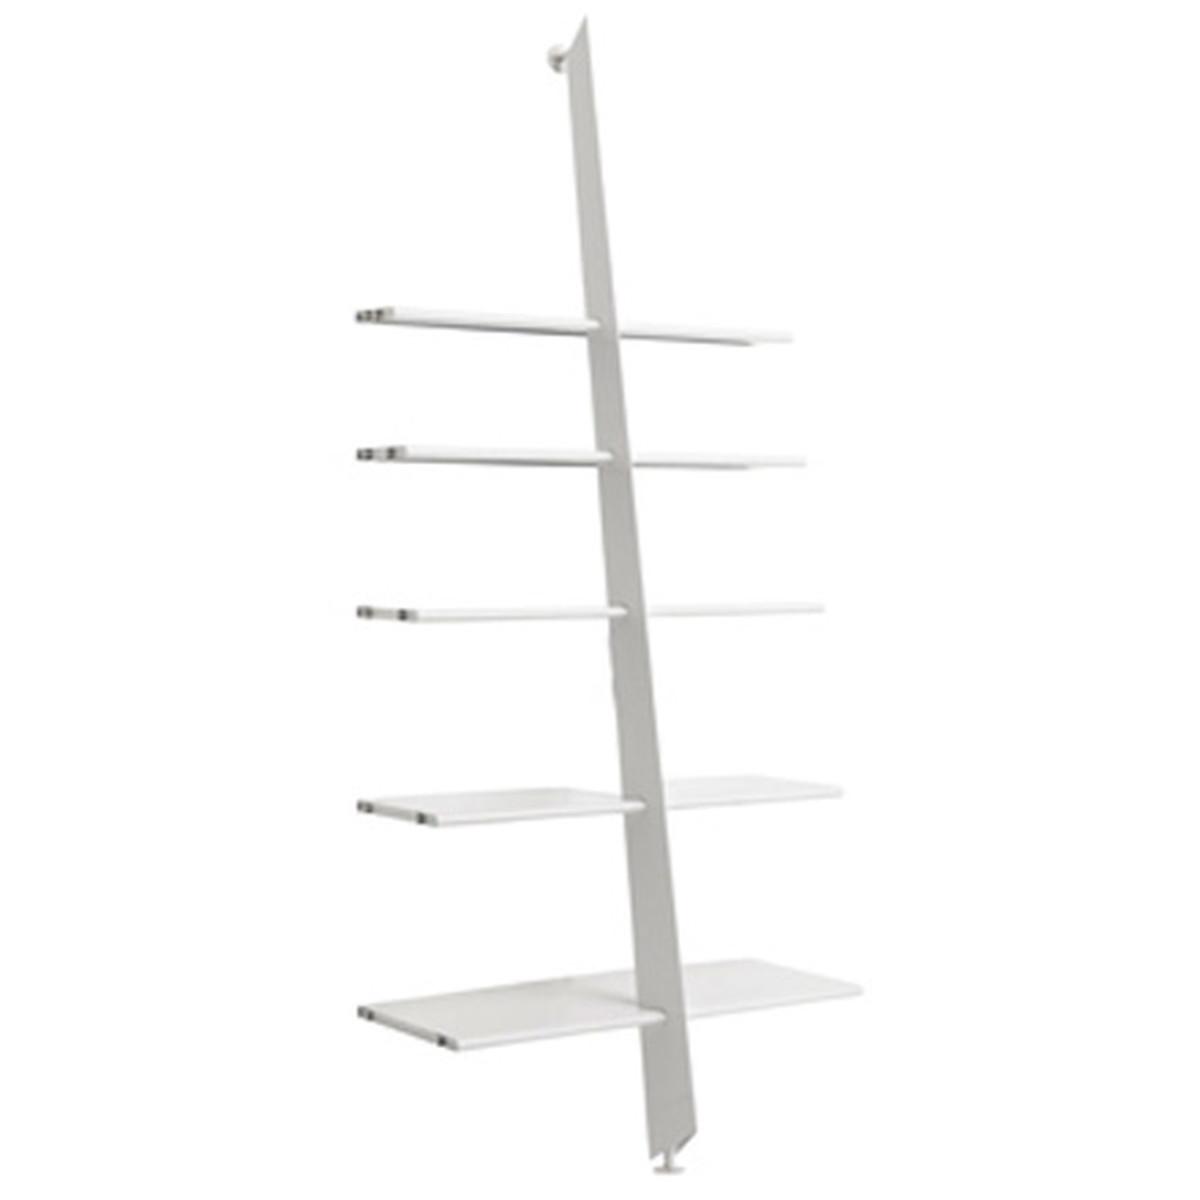 baleri italia mac gee wei wei t 50 h 236 b 99 online kaufen bei woonio. Black Bedroom Furniture Sets. Home Design Ideas